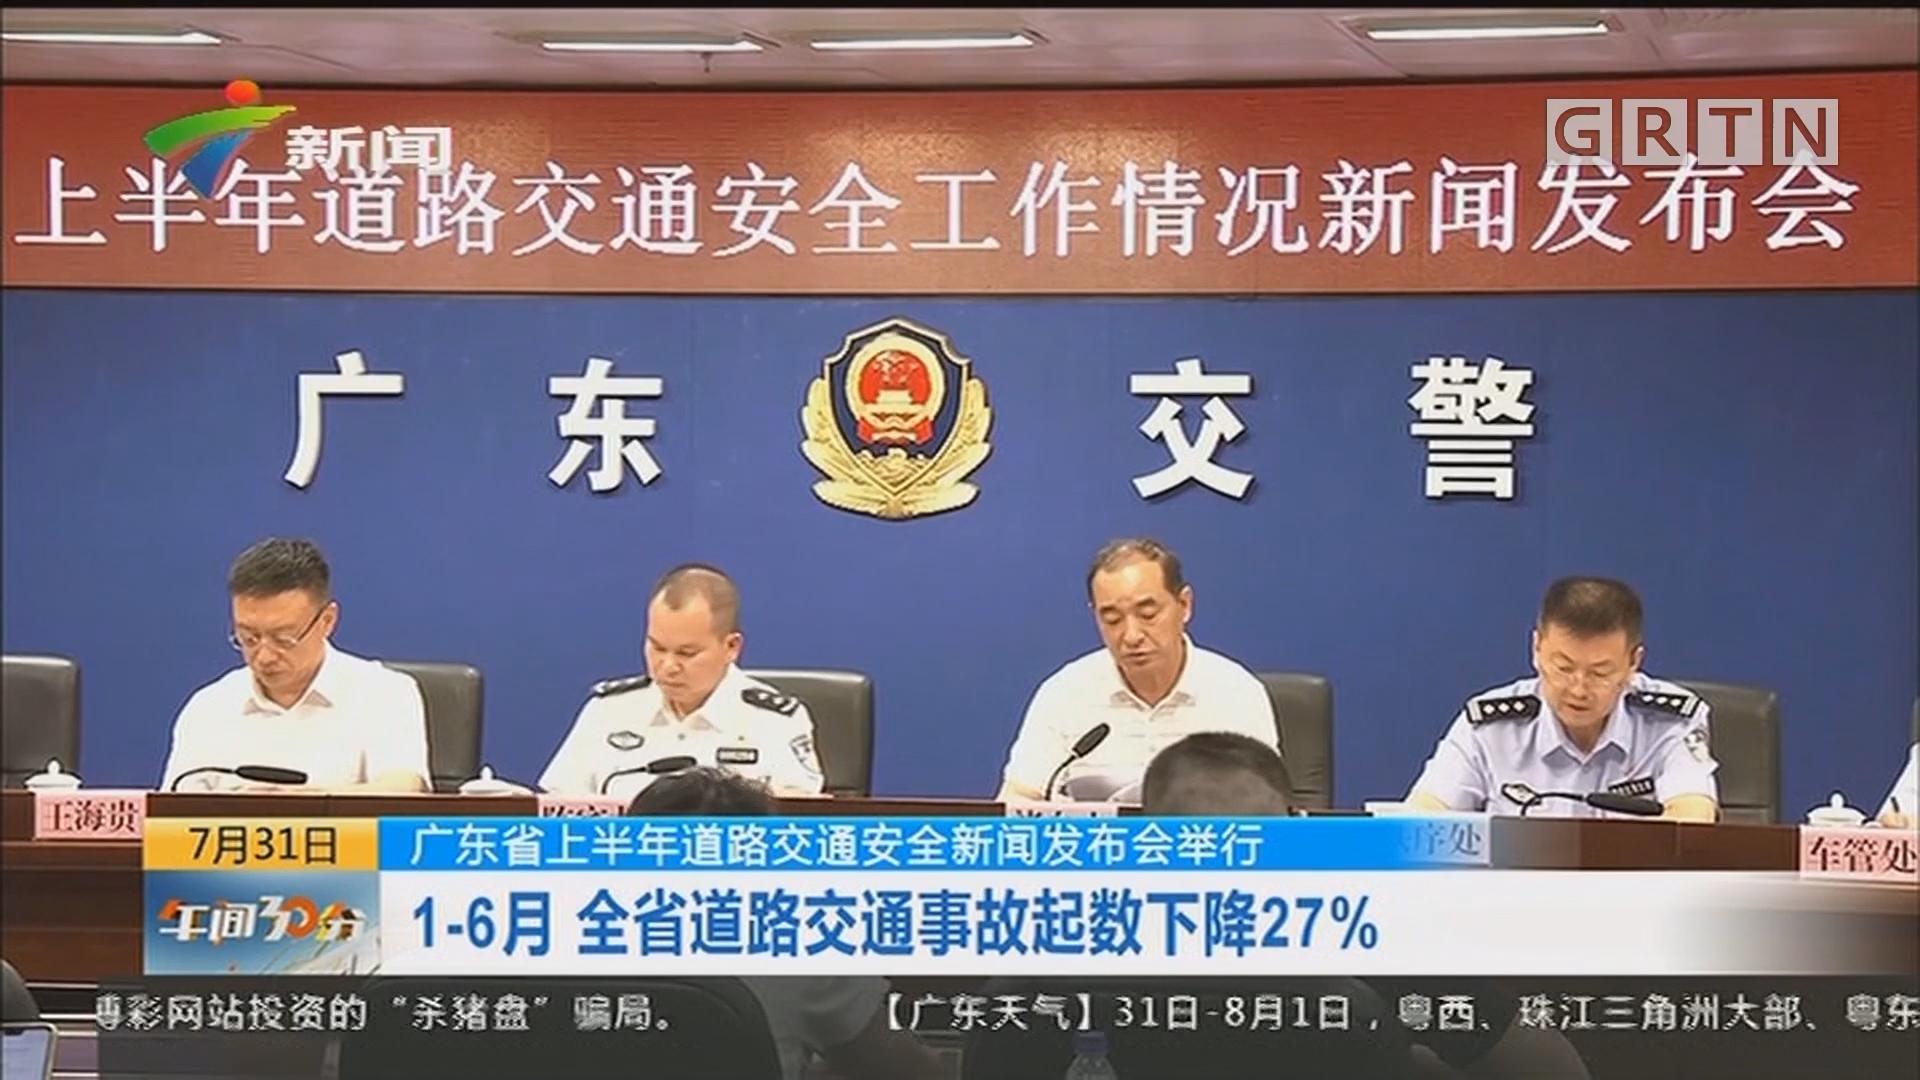 广东省上半年道路交通安全新闻发布会举行:1-6月 全省道路交通事故起数下降27%